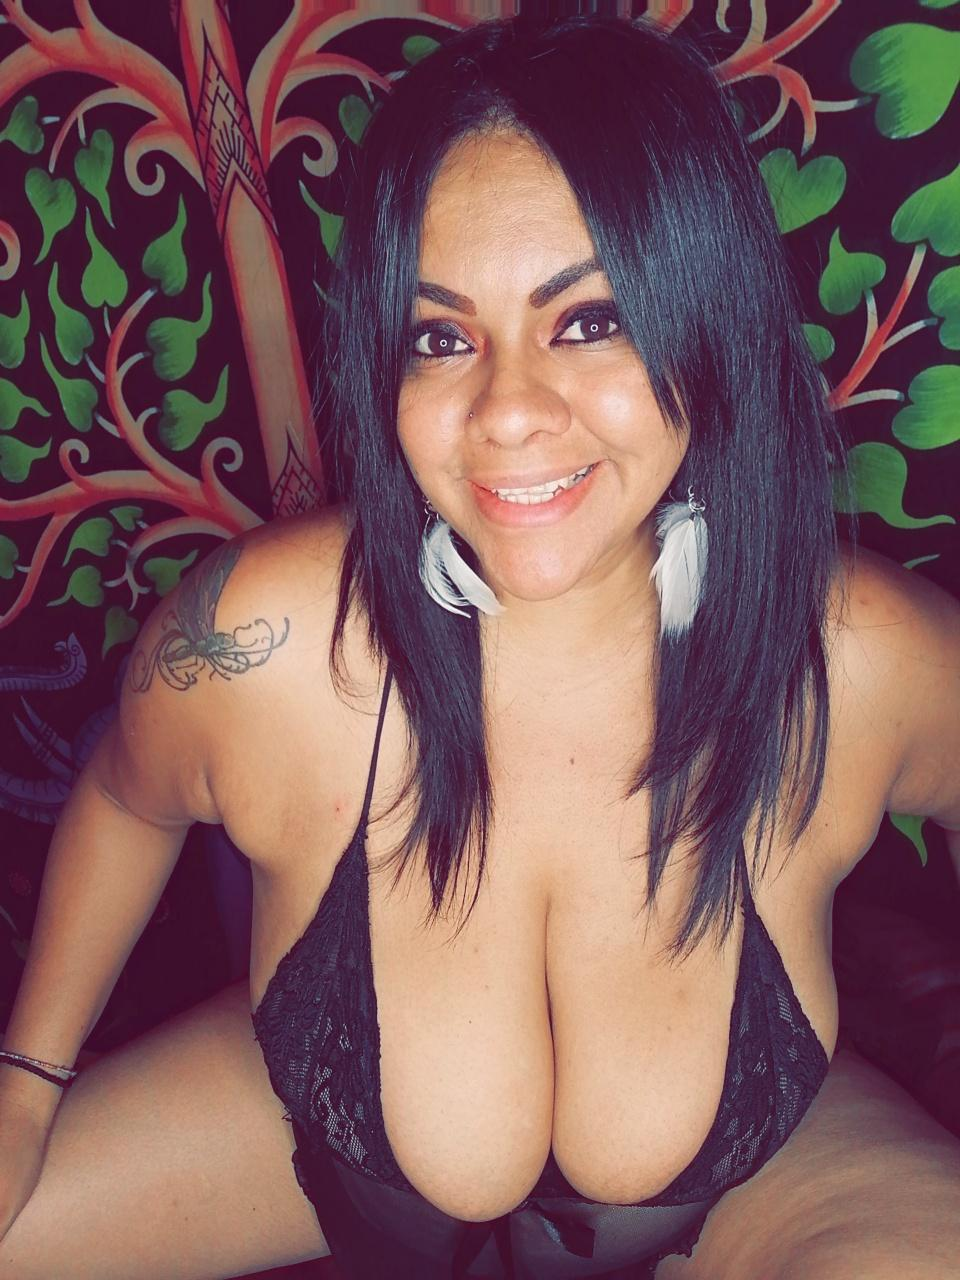 Gabriela_Sanint live cam on Cam4.com